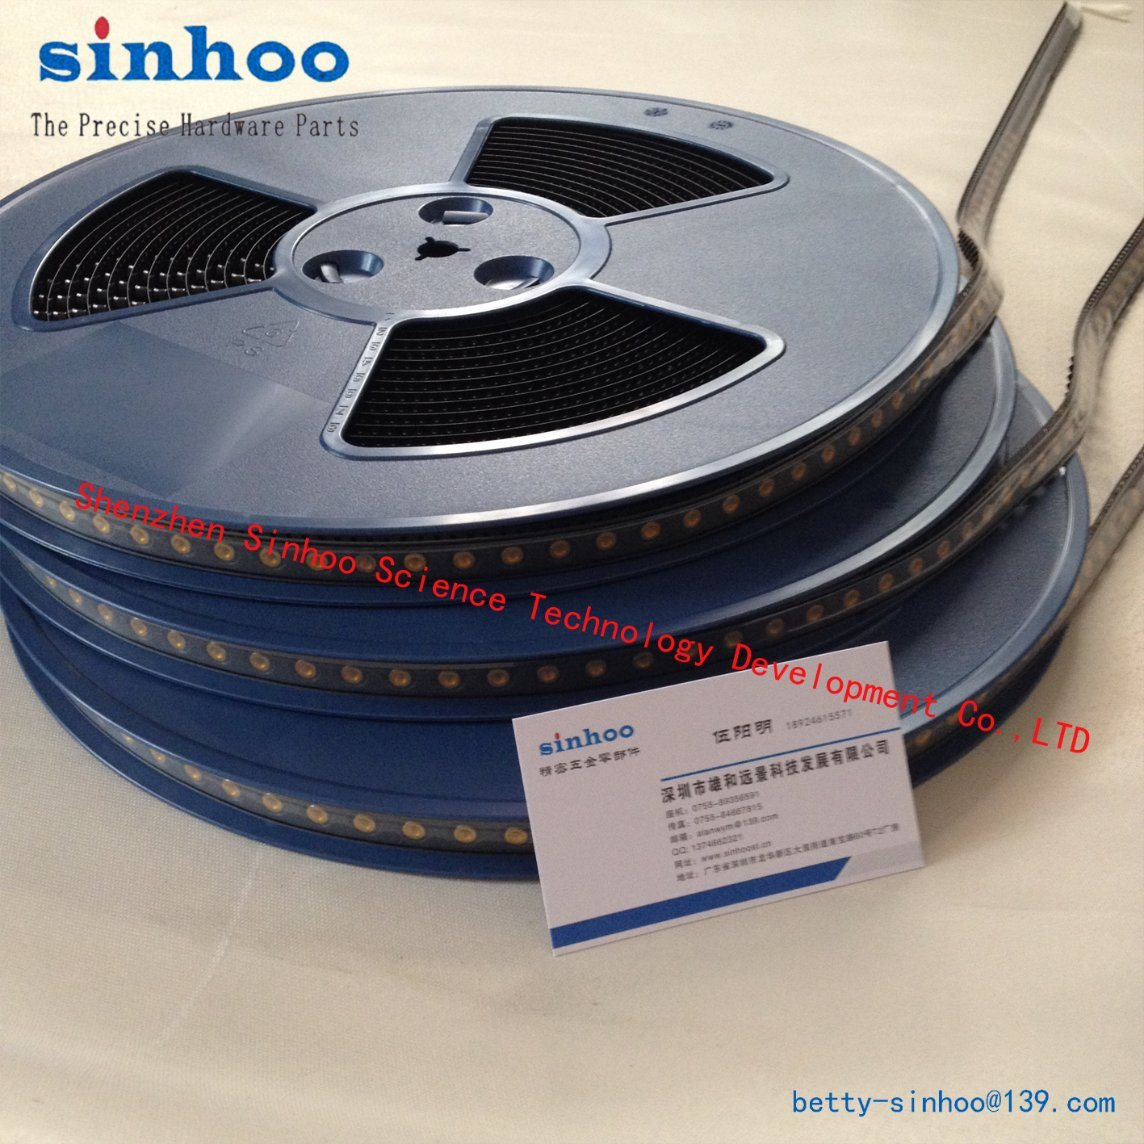 Smtso-M3-3et, SMT Nut, Weld Nut, Round Nut, Pem Reel Package, SMT, PCB, Steel, Reel